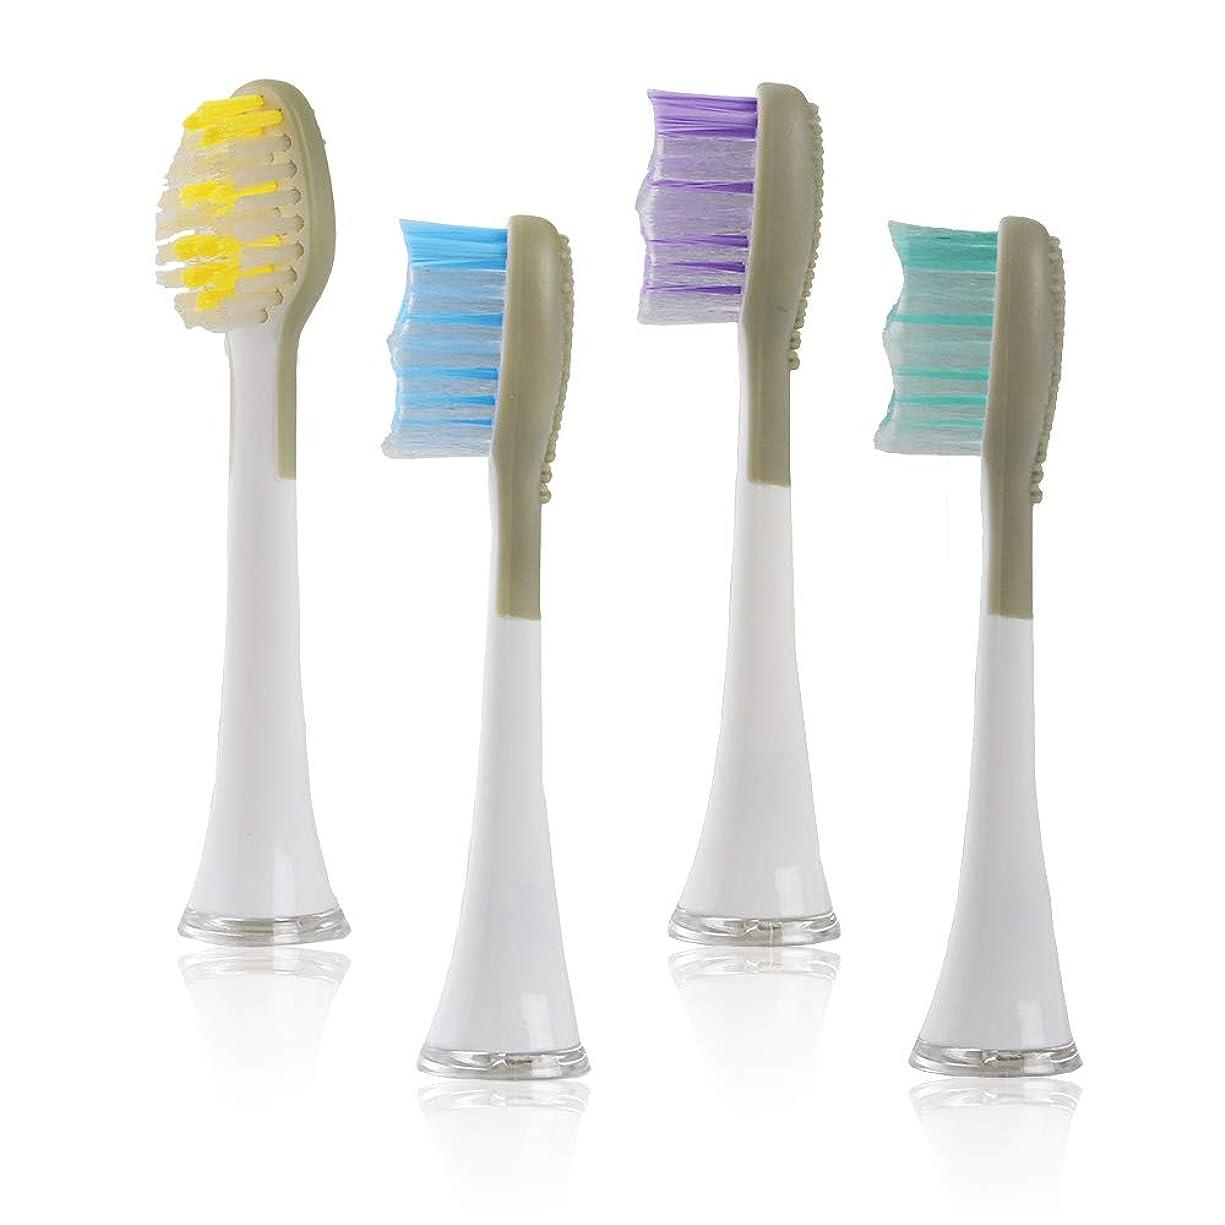 ミスペンド苦情文句によるとQurra(FitOne) 専用 替えブラシ 4個 0.15mm 舌クリーナー 付 電動歯ブラシ デュポン製 ナイロン毛 3R SYSTEMS ホワイト